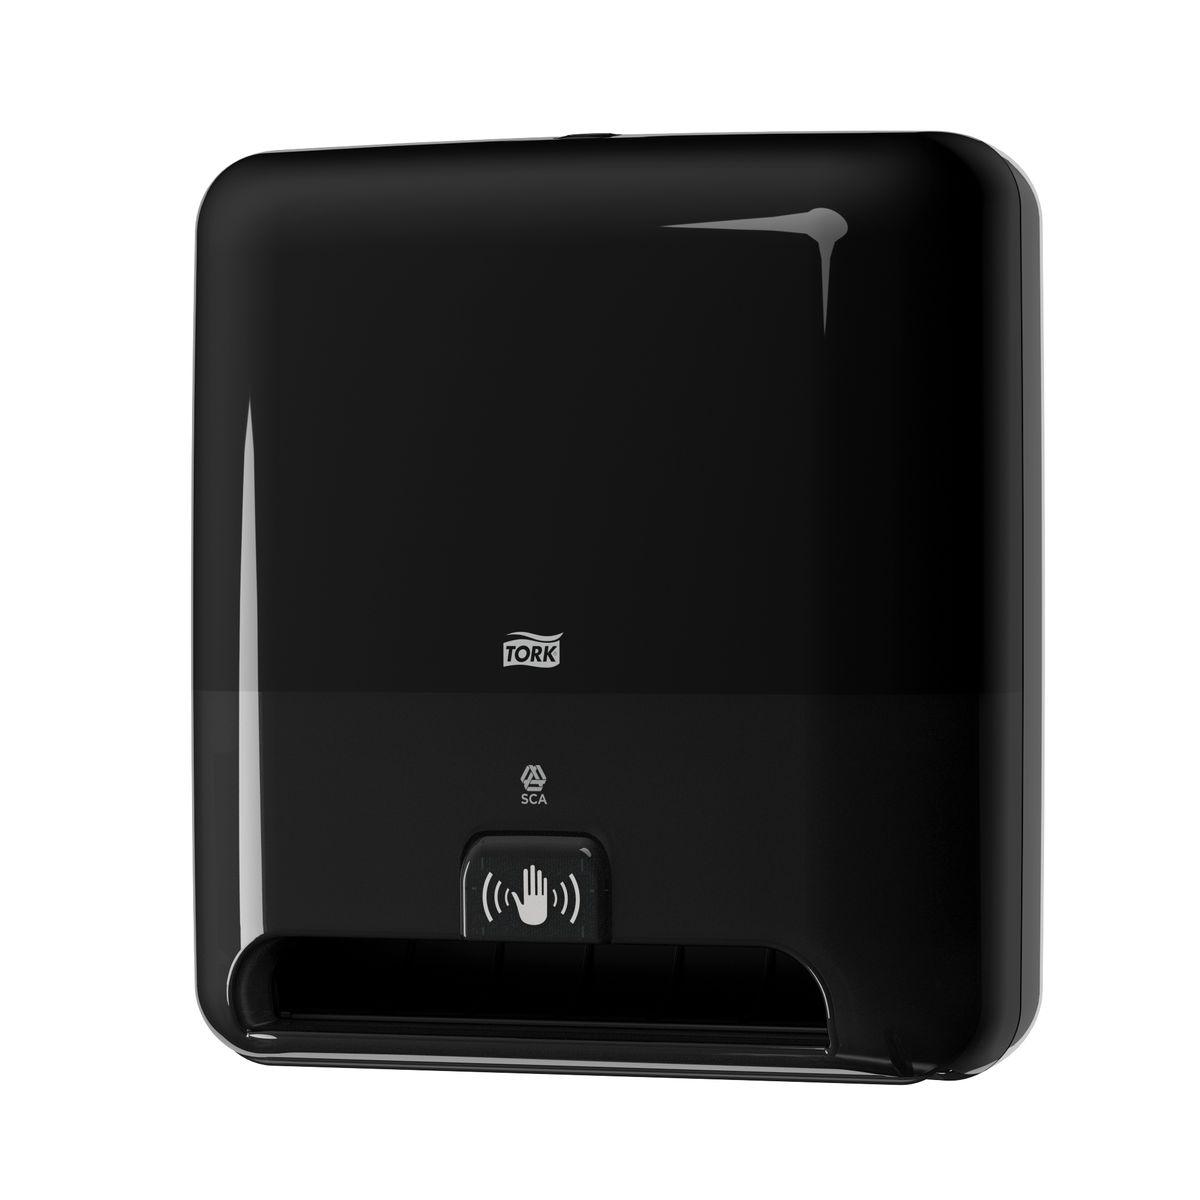 Диспенсер для бумажных полотенец Tork, цвет: черный. 551108551108Система Н1 - Полотенца в рулонах.Сенсорный диспенсер для полотенец в рулонах Tork Matic - это гигиеничное и экономичное решение.•Бесконтактный отбор полотенец обеспечивает высокий уровень гигиены•Большая вместимость сокращает частоту перезаправок•Интуитивно понятная конструкция облегчает и ускоряет перезаправку•Возможность регулировать длину полотенца обеспечивает контроль расхода полотенец•Световые индикаторы замены элементов питания и расхода рулона•Бесшумная работа сенсора